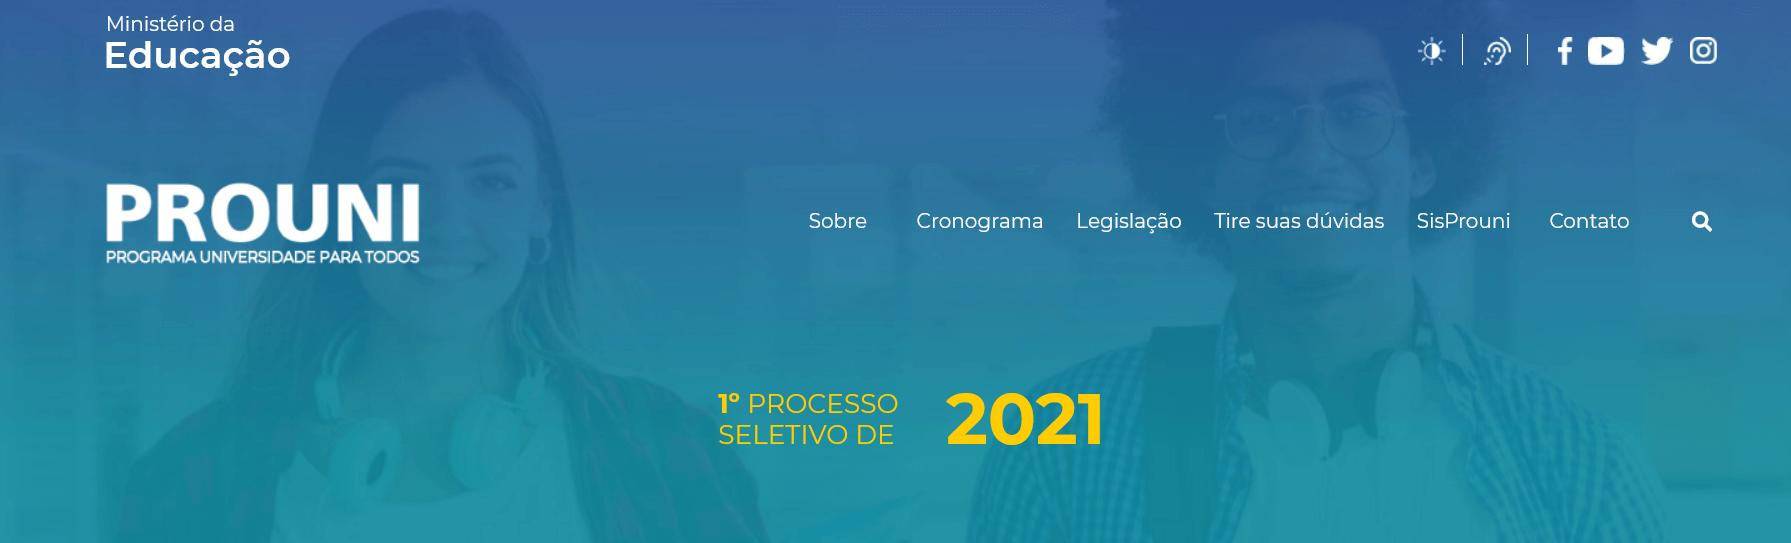 MEC muda rega para bolsas remanescentes do ProUni 2021/1